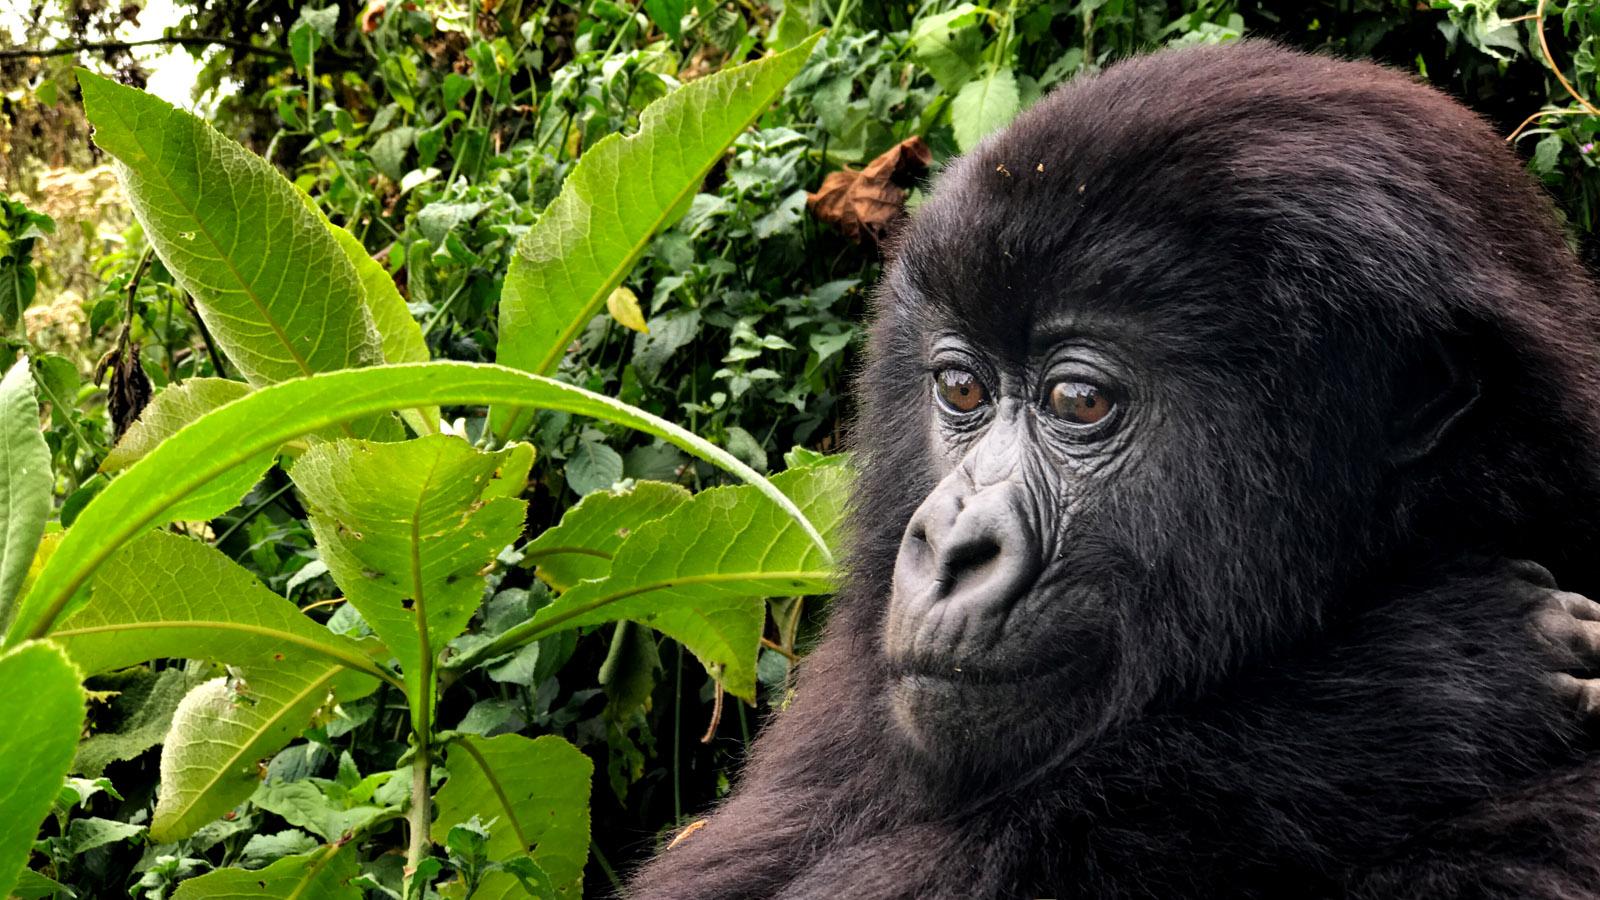 Gorila fotografiado por Austin Mann con la lente de 56mm del iPhone siete Plus